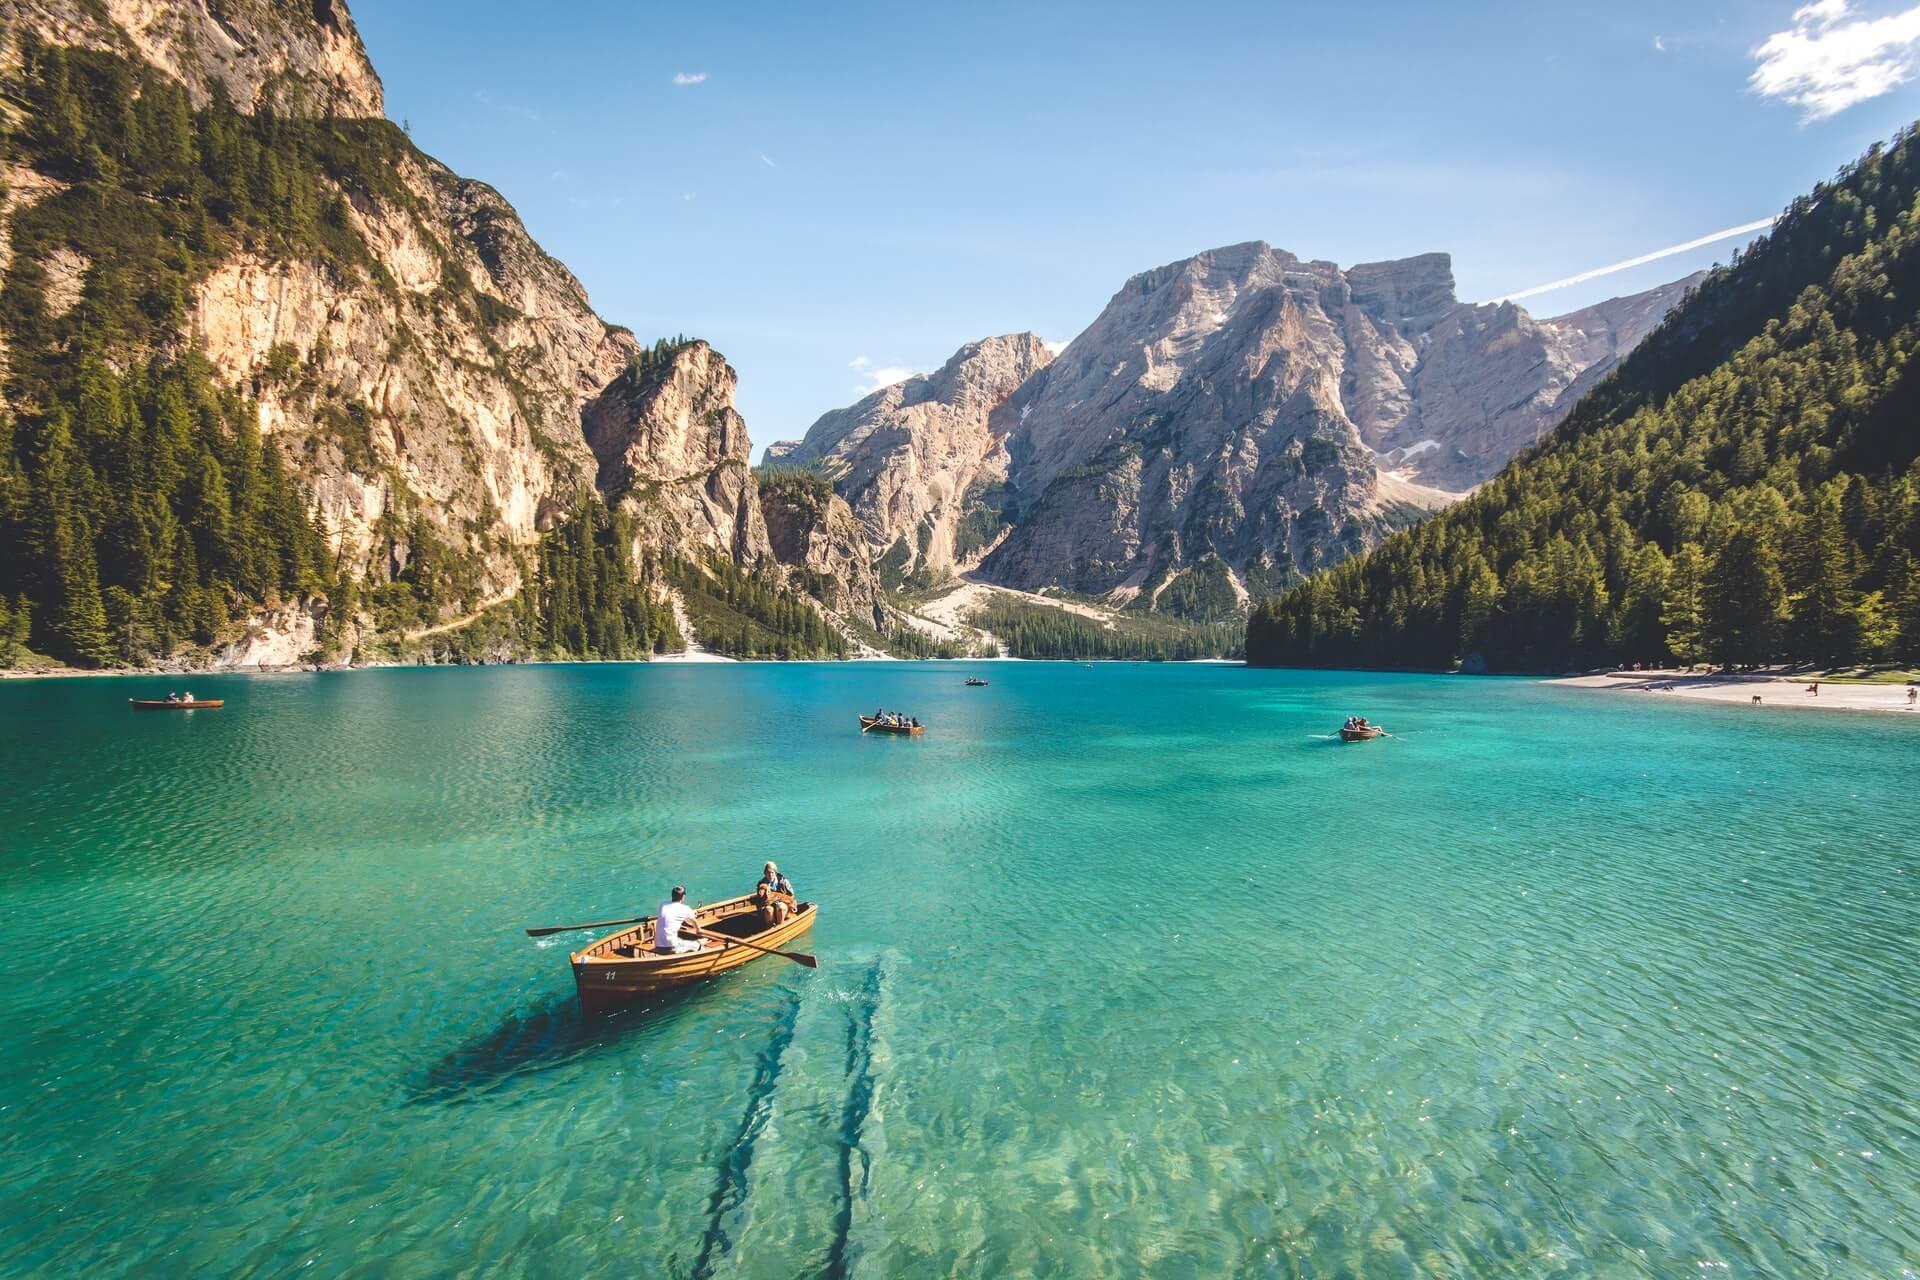 Barche a remi in un lago cristallino immerso nelle montagne